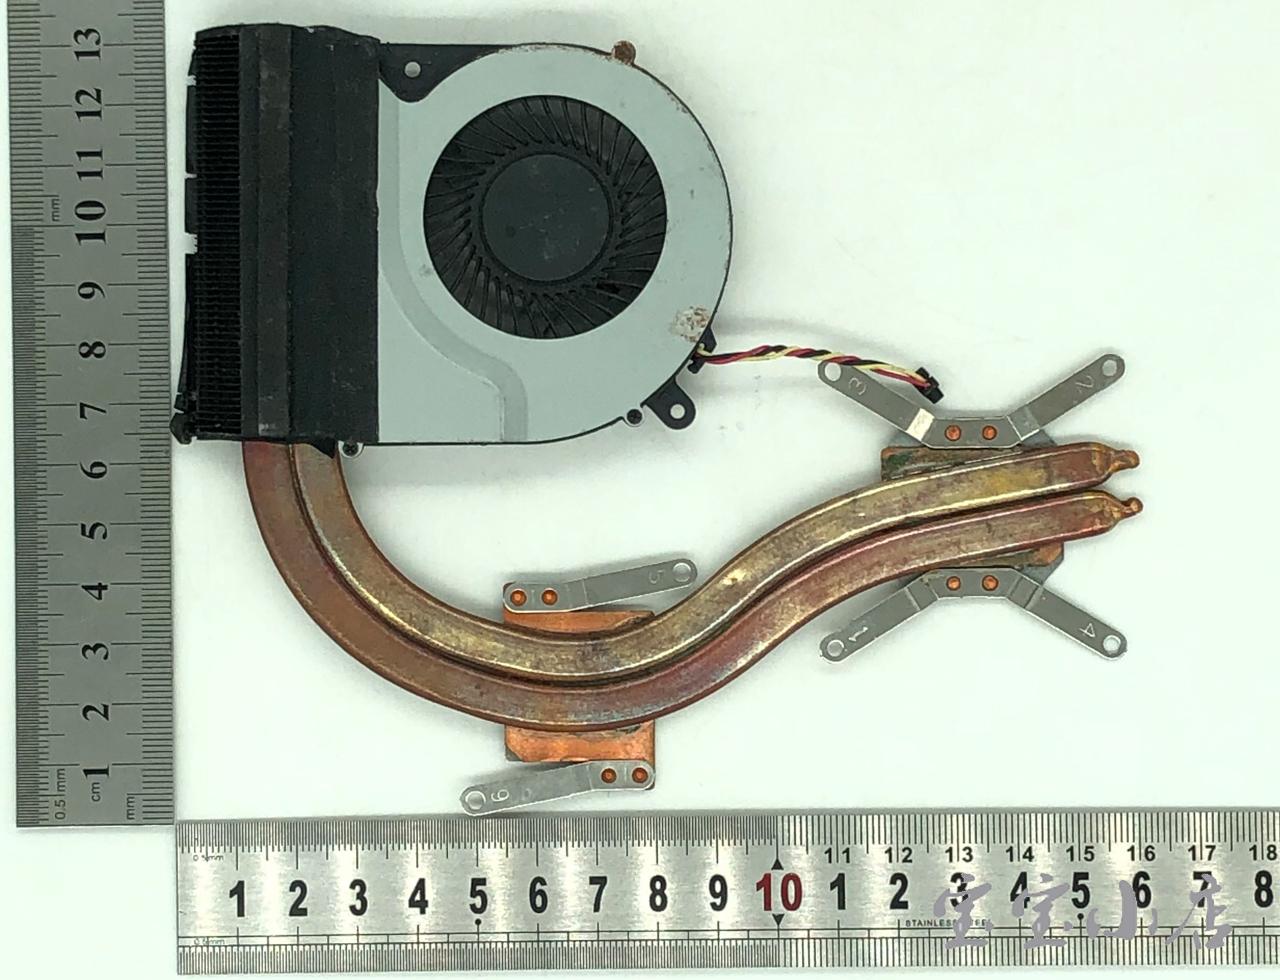 东芝Toshiba Satellite L850D C850 L850 C850D 散热模组 片 风扇铜管H000037360